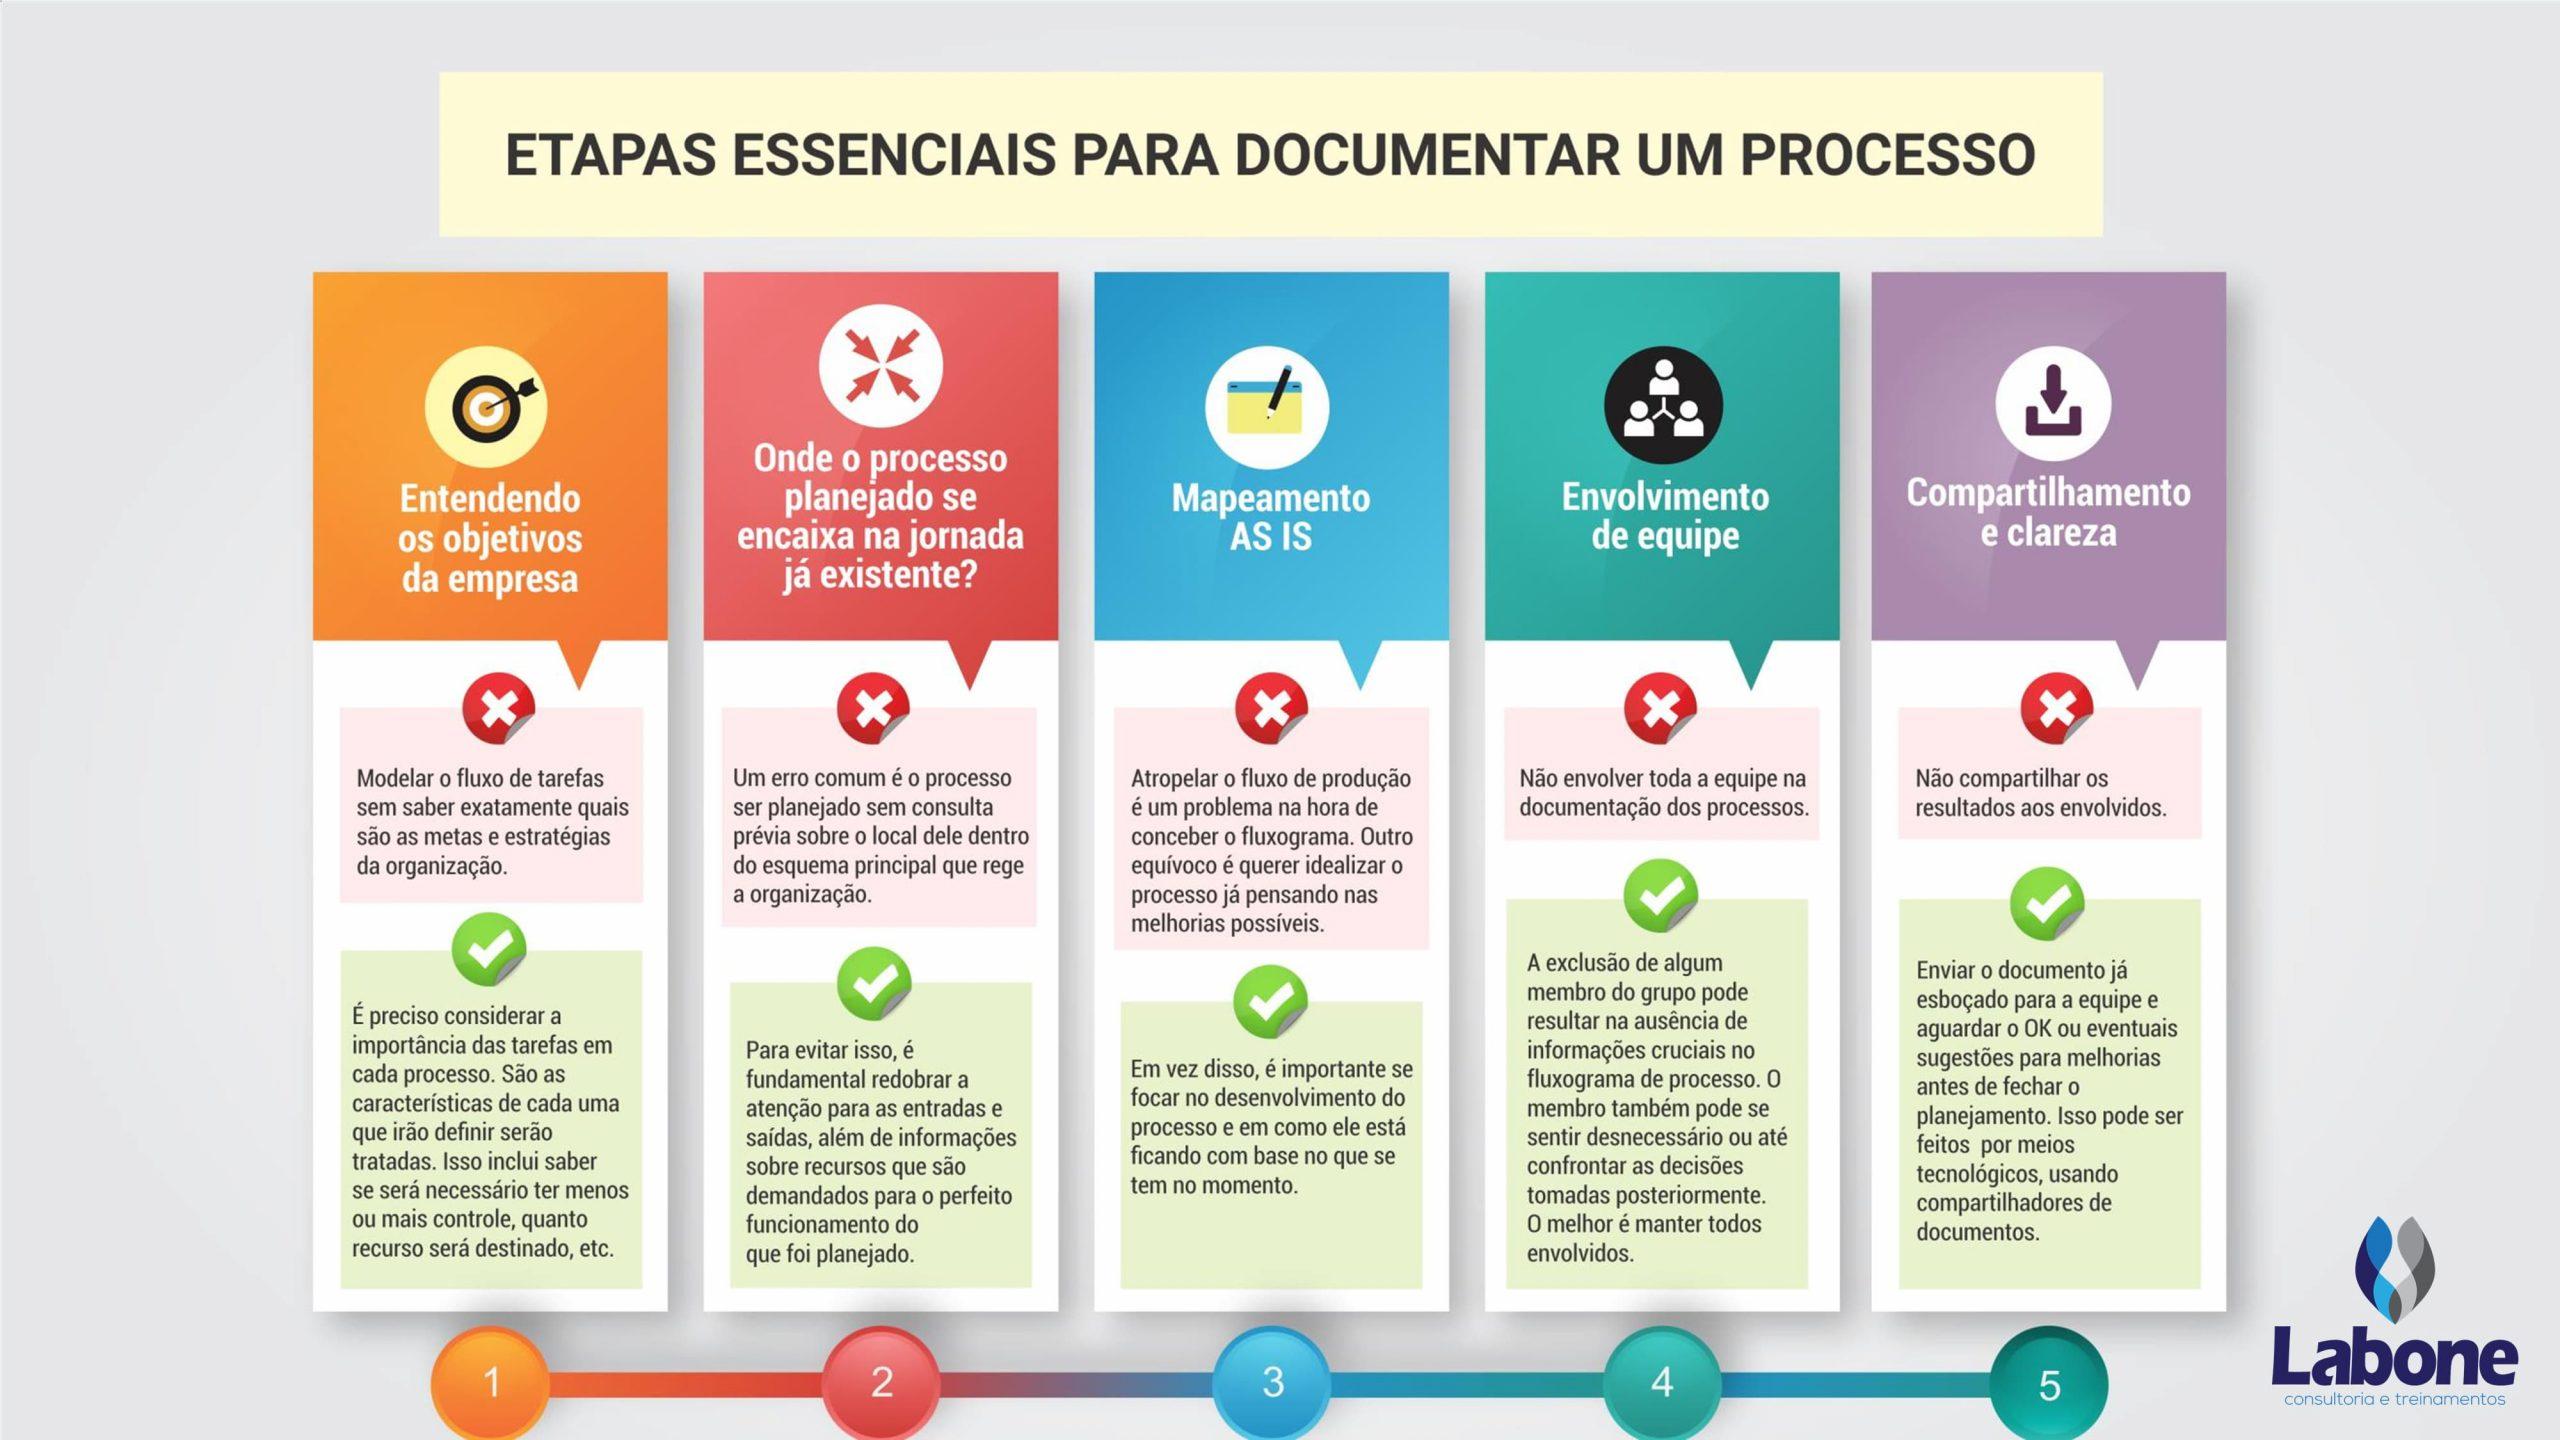 Saiba como documentar processos